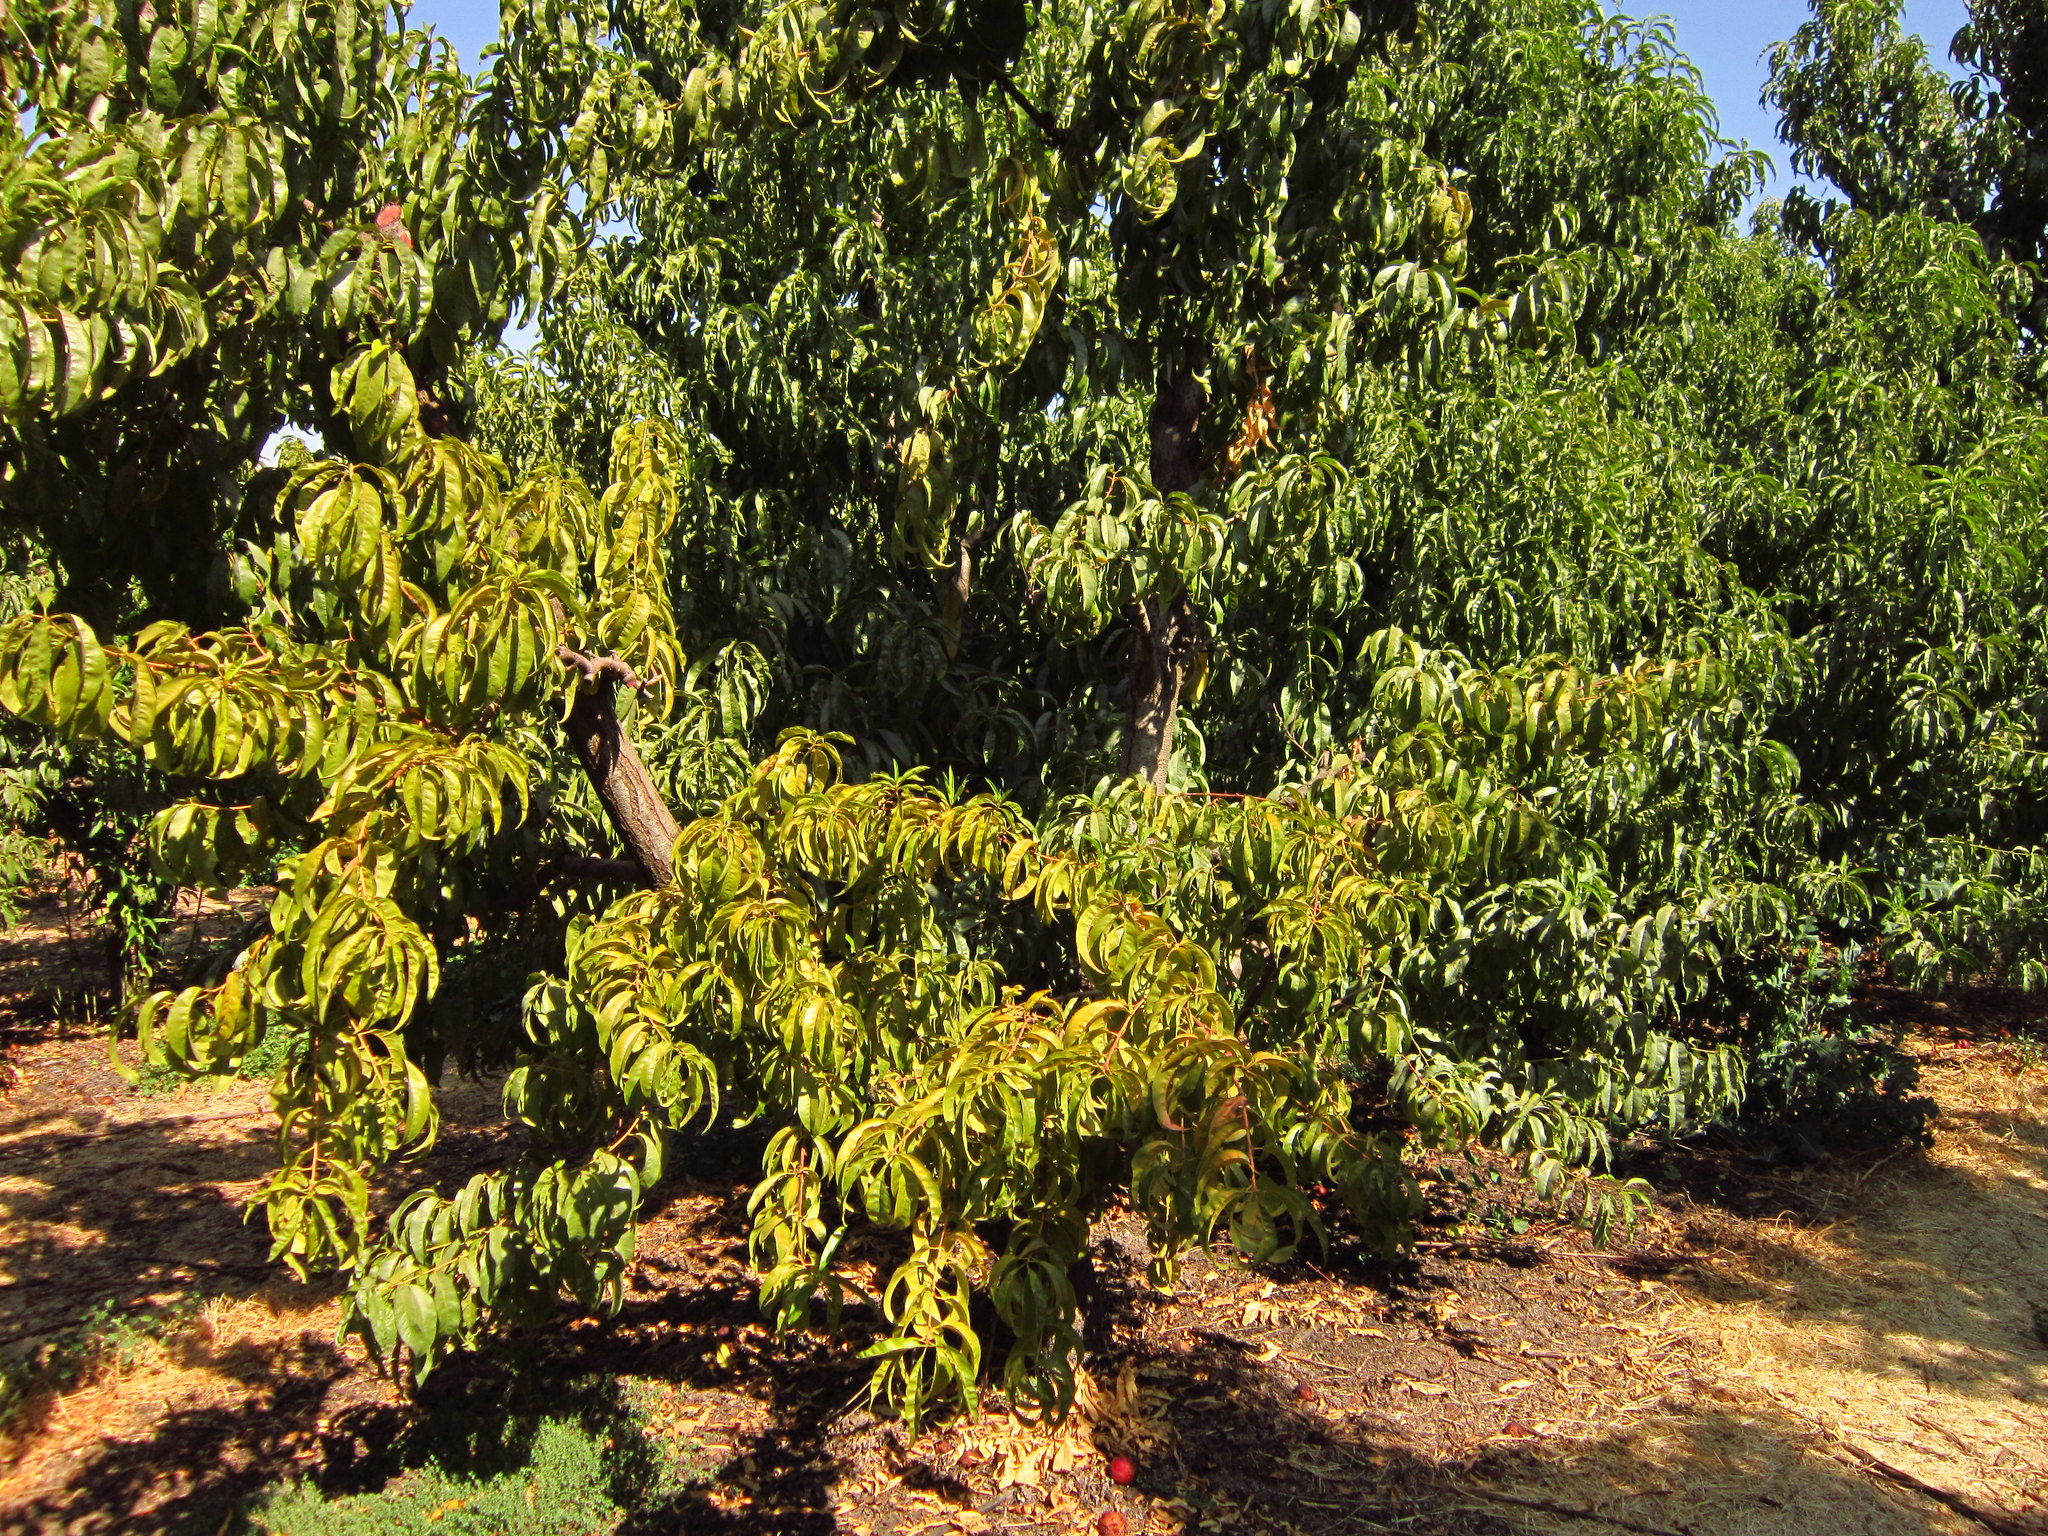 El exceso de abono es un problema para las plantas